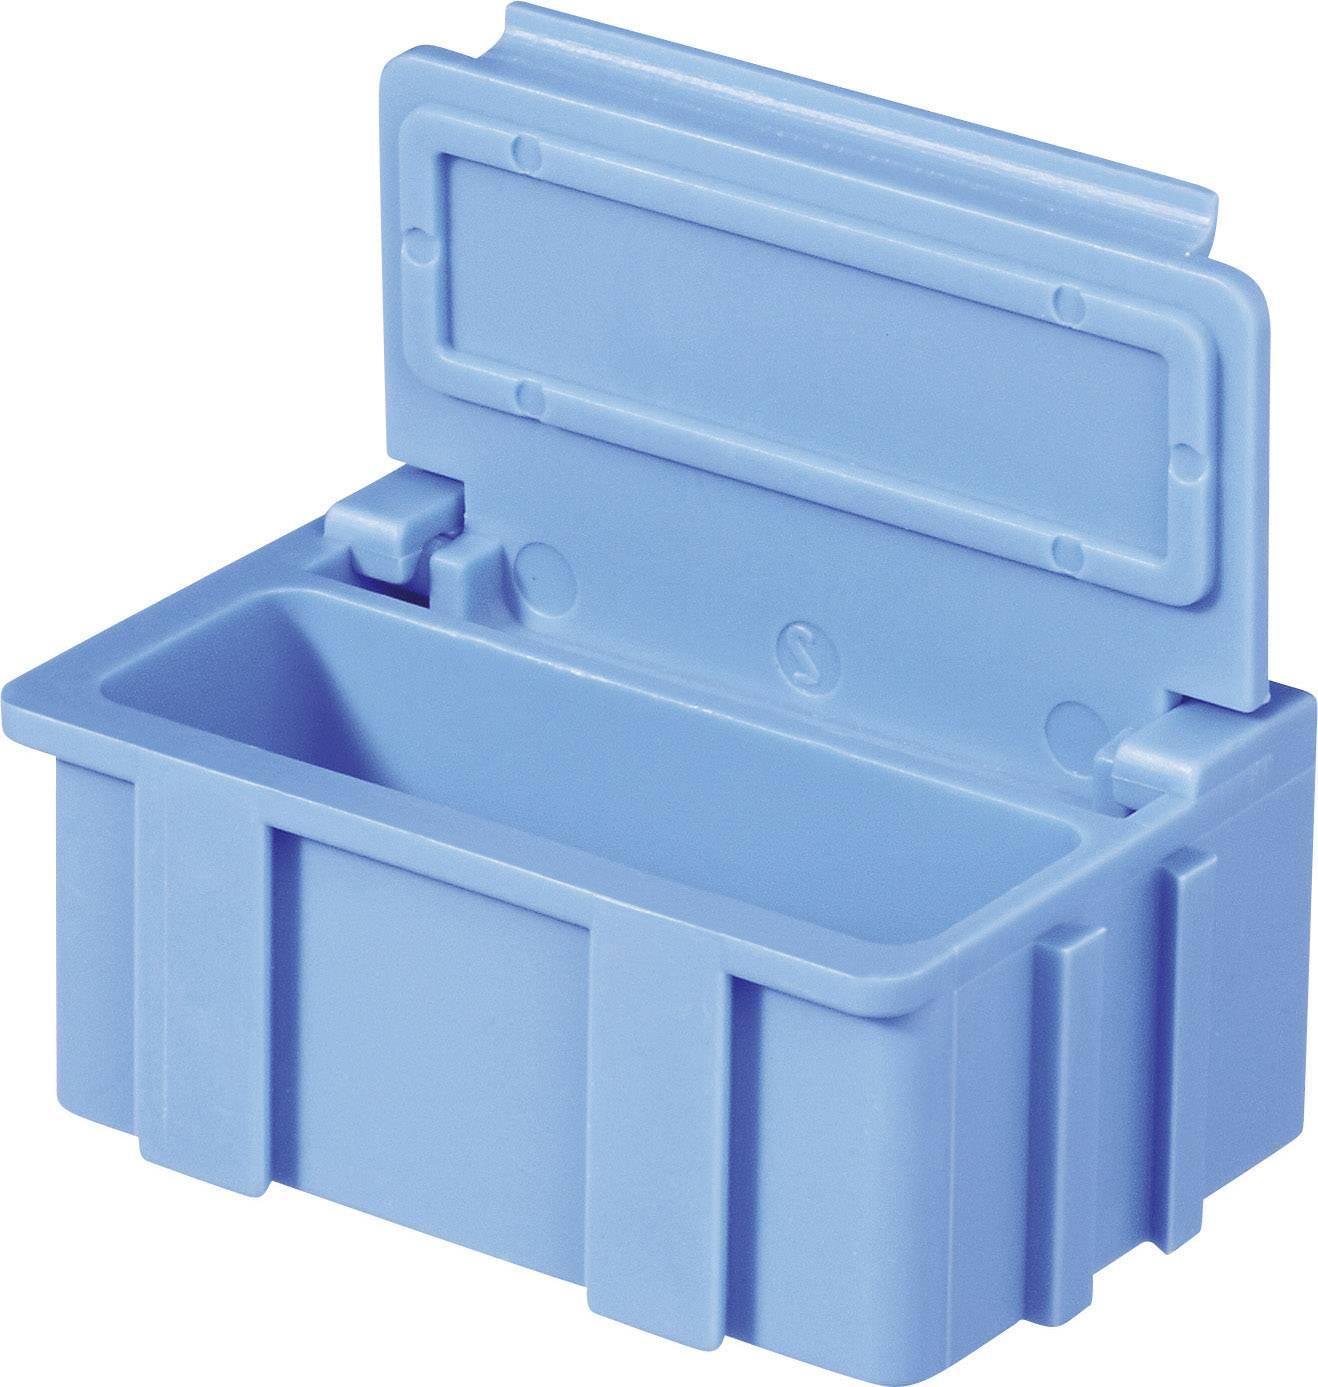 Box pro SMD součástky Licefa, N22277, 37 x 12 x 15 mm, zelená